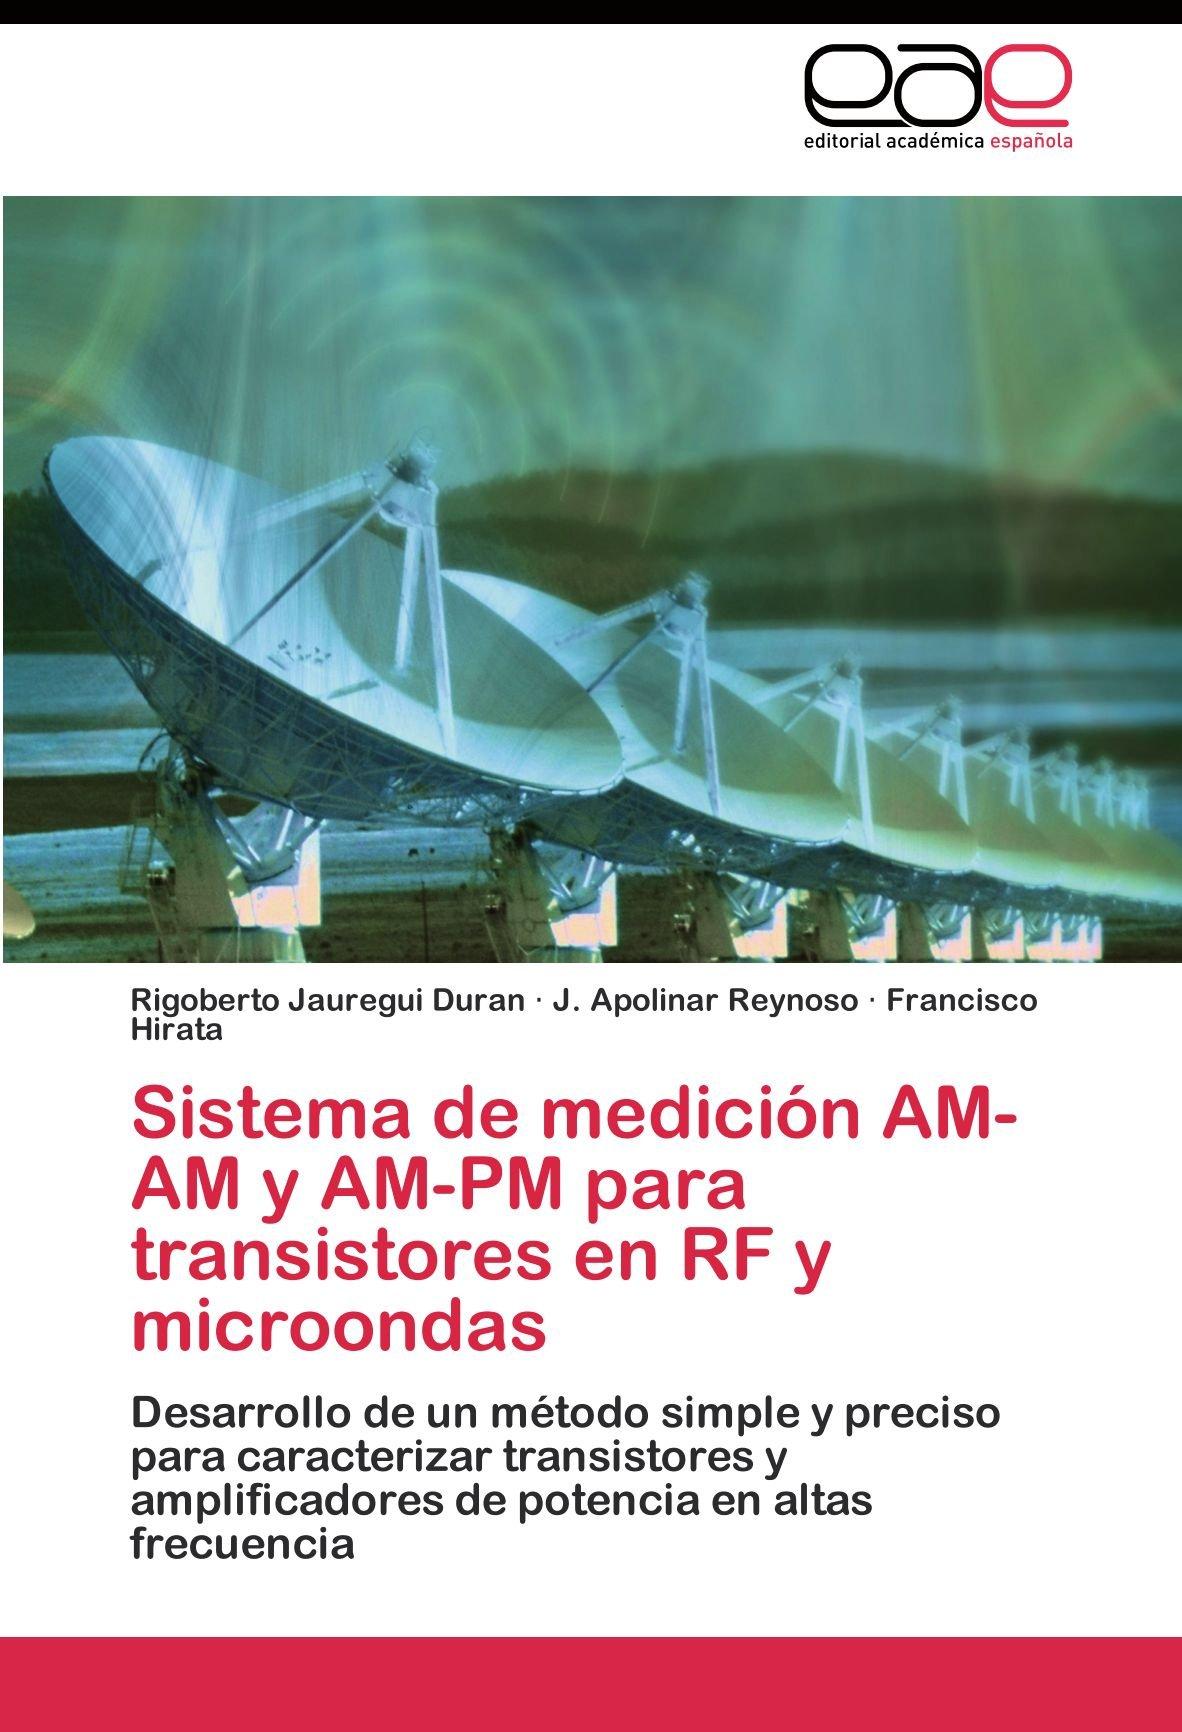 Sistema de medición AM-AM y AM-PM para transistores en RF y ...